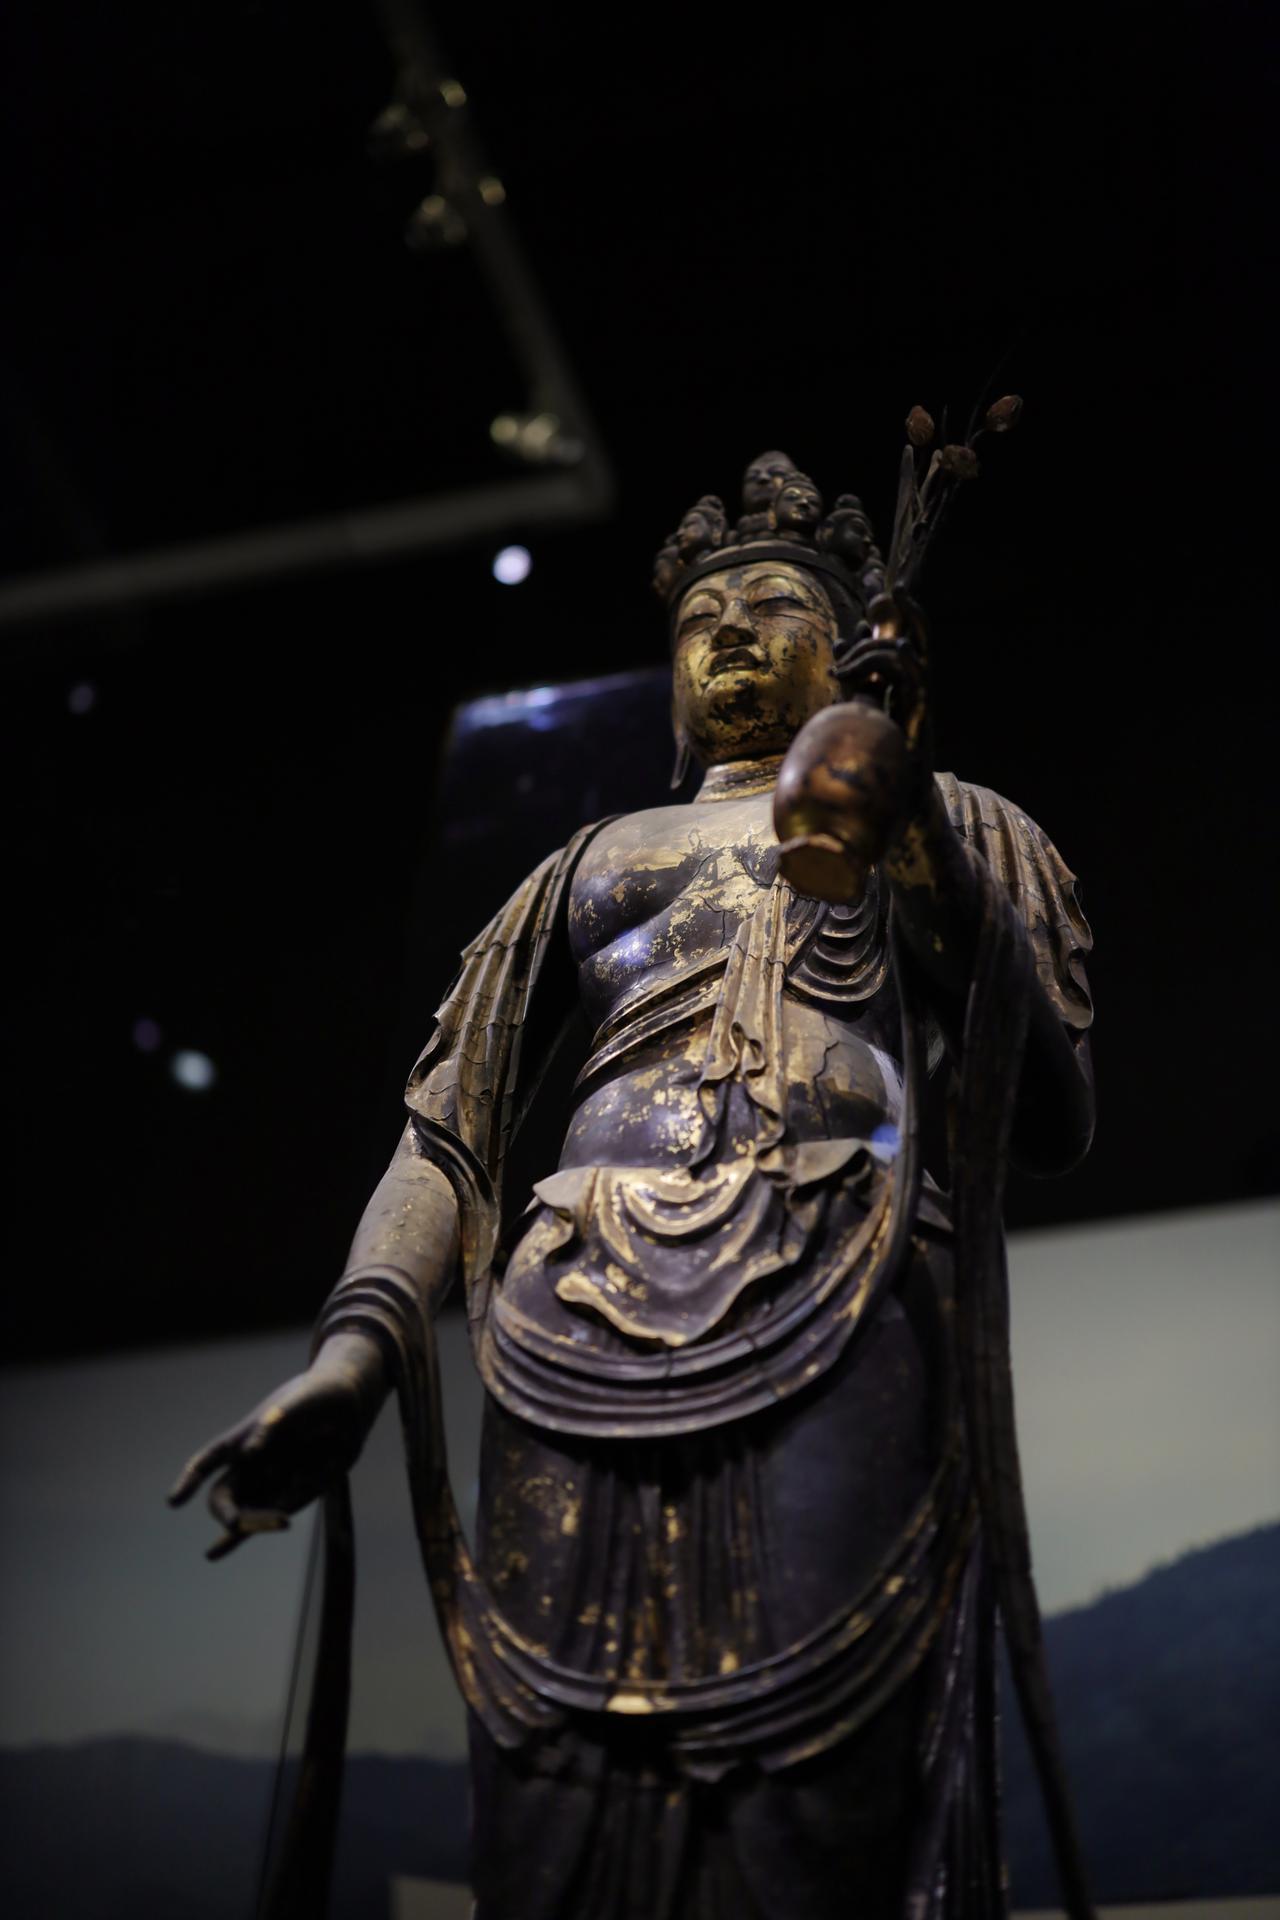 画像2: 国宝 十一面観音菩薩立像(部分) 奈良時代・8世紀 奈良・聖林寺蔵